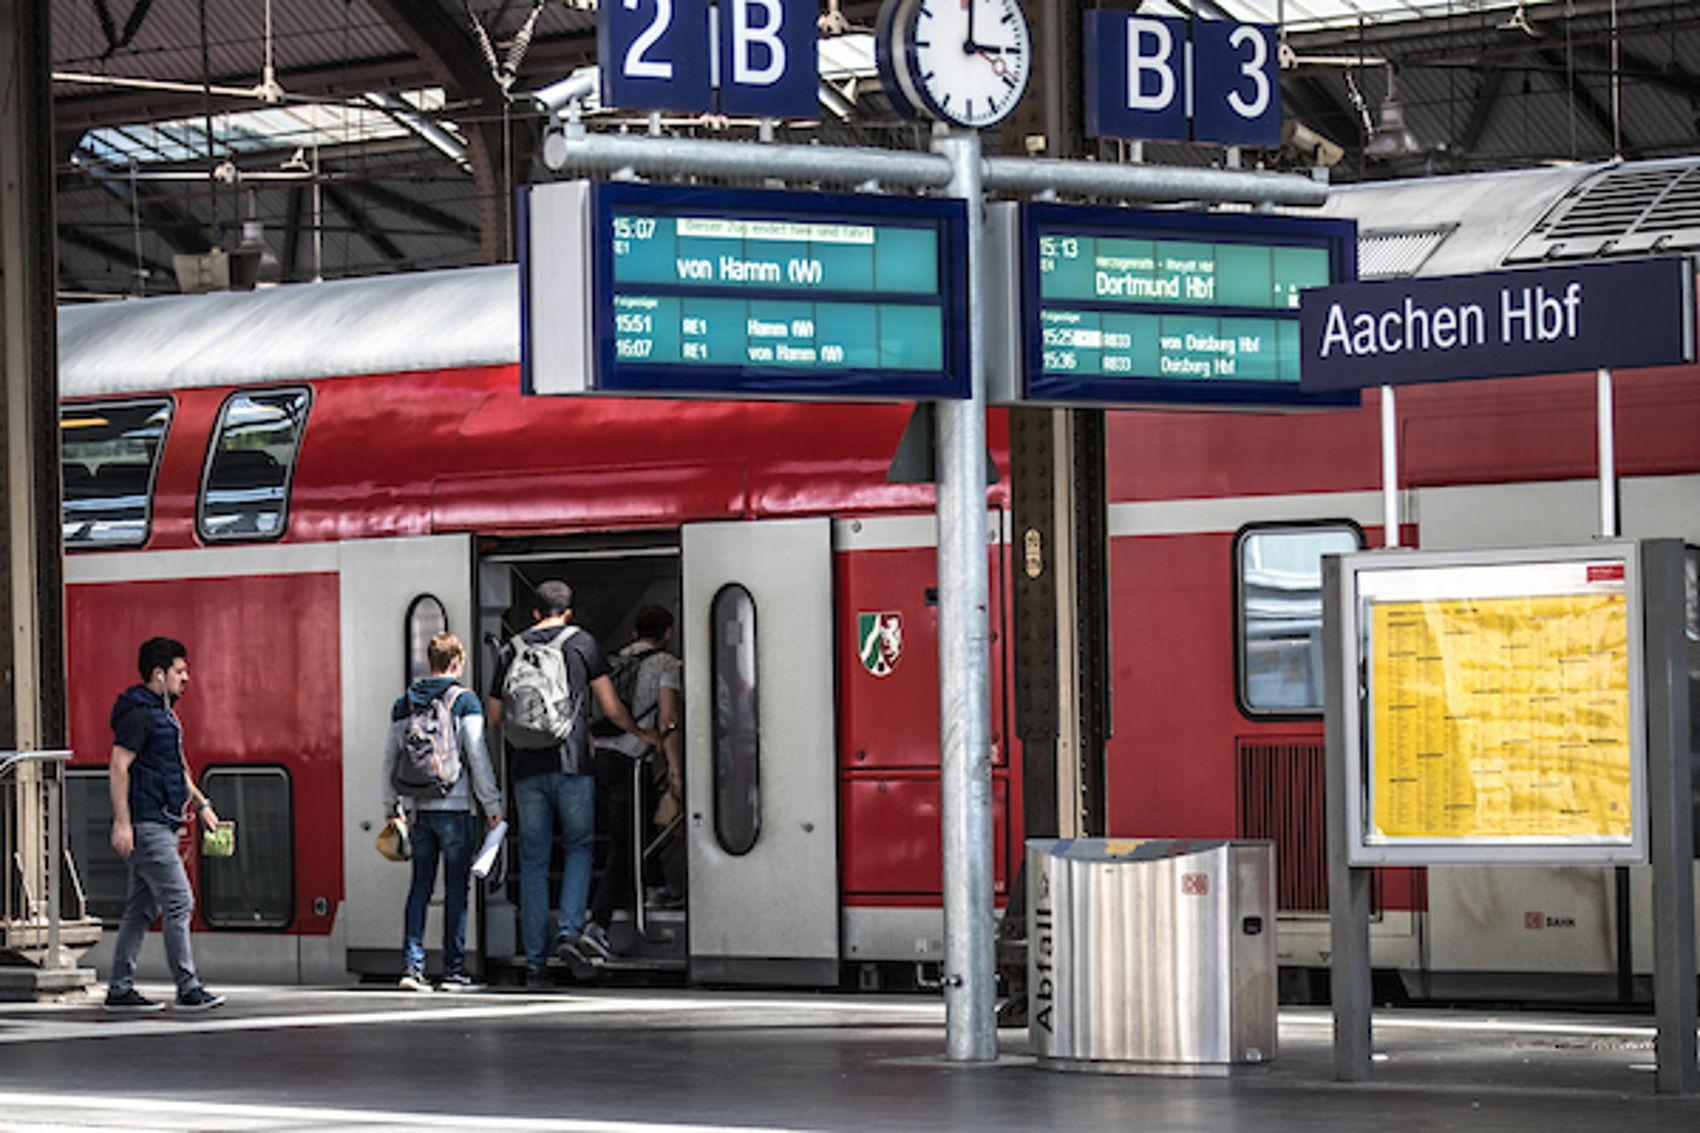 Station Aachen